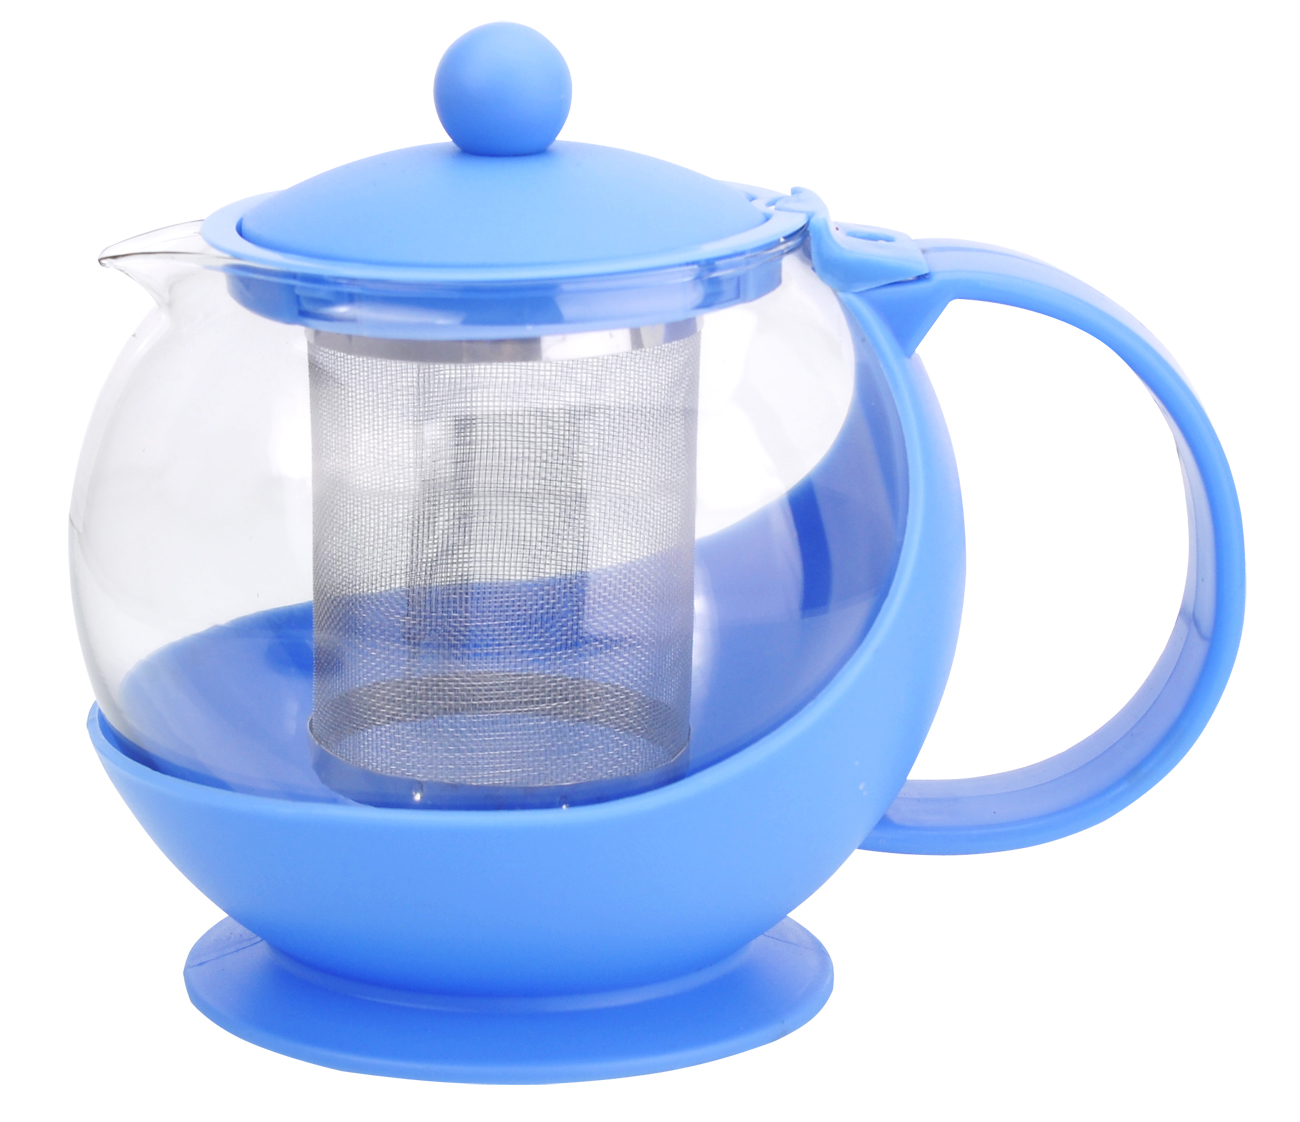 Чайник заварочный МФК-профит, с фильтром, цвет: голубой, 750 мл68/5/4Заварочный чайник МФК-профит предоставит вам все необходимые возможности для успешного заваривания чая. Он изготовлен из термостойкого стекла и оснащен крышкой и ручкой из пластика, также имеется вставка из нержавеющей стали. Чай в таком чайнике дольше остается горячим, а полезные и ароматические вещества полностью сохраняются в напитке. Чайник оснащен фильтром, который выполнен из нержавеющей стали. Простой и удобный чайник поможет вам приготовить крепкий, ароматный чай. Нельзя мыть в посудомоечной машине. Не использовать в микроволновой печи.